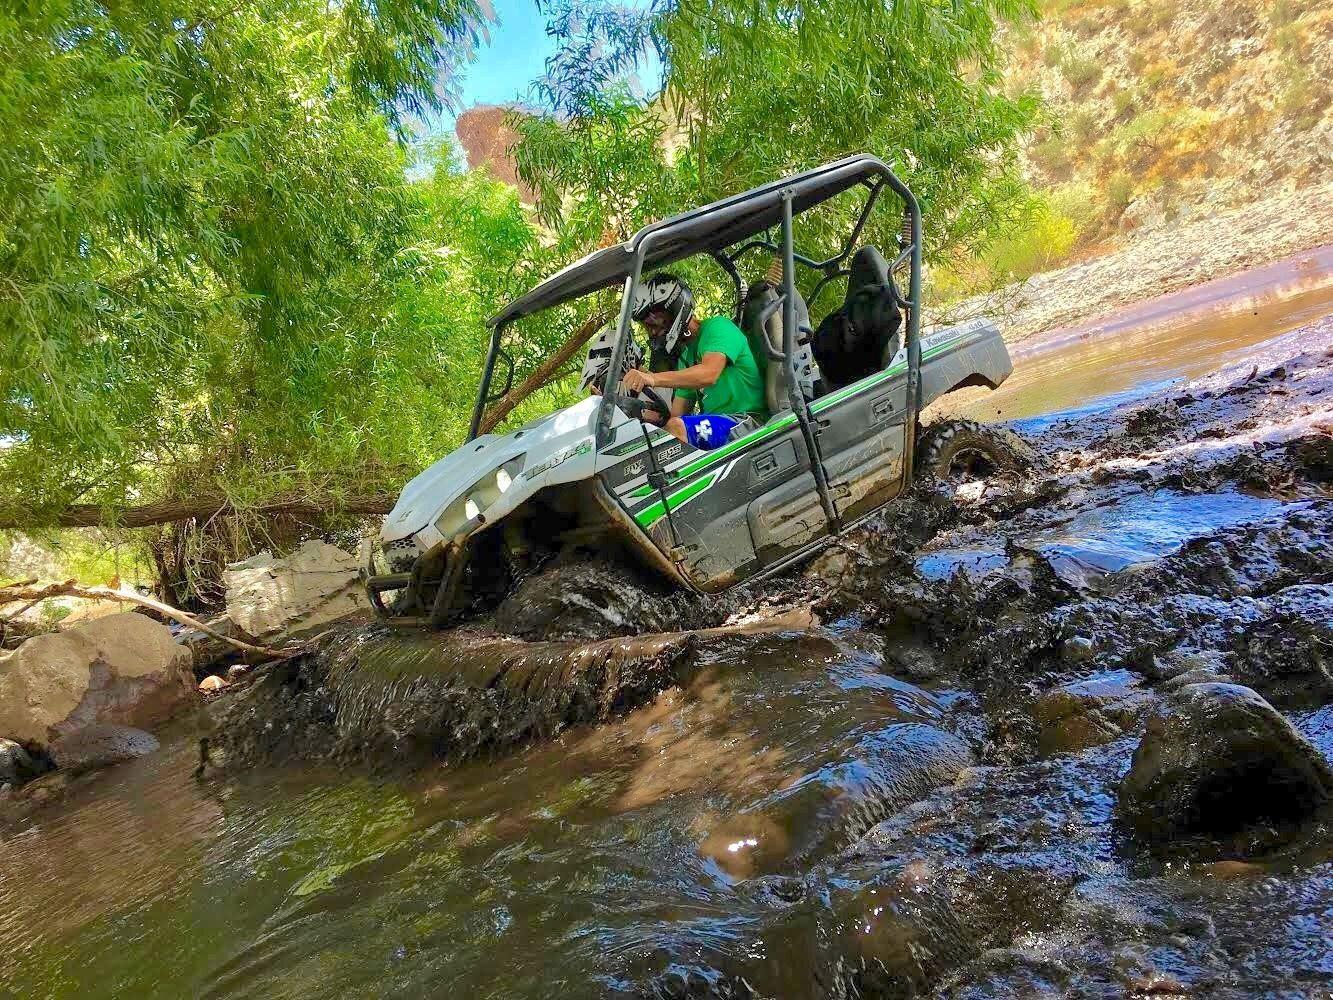 Adventure & outdoor